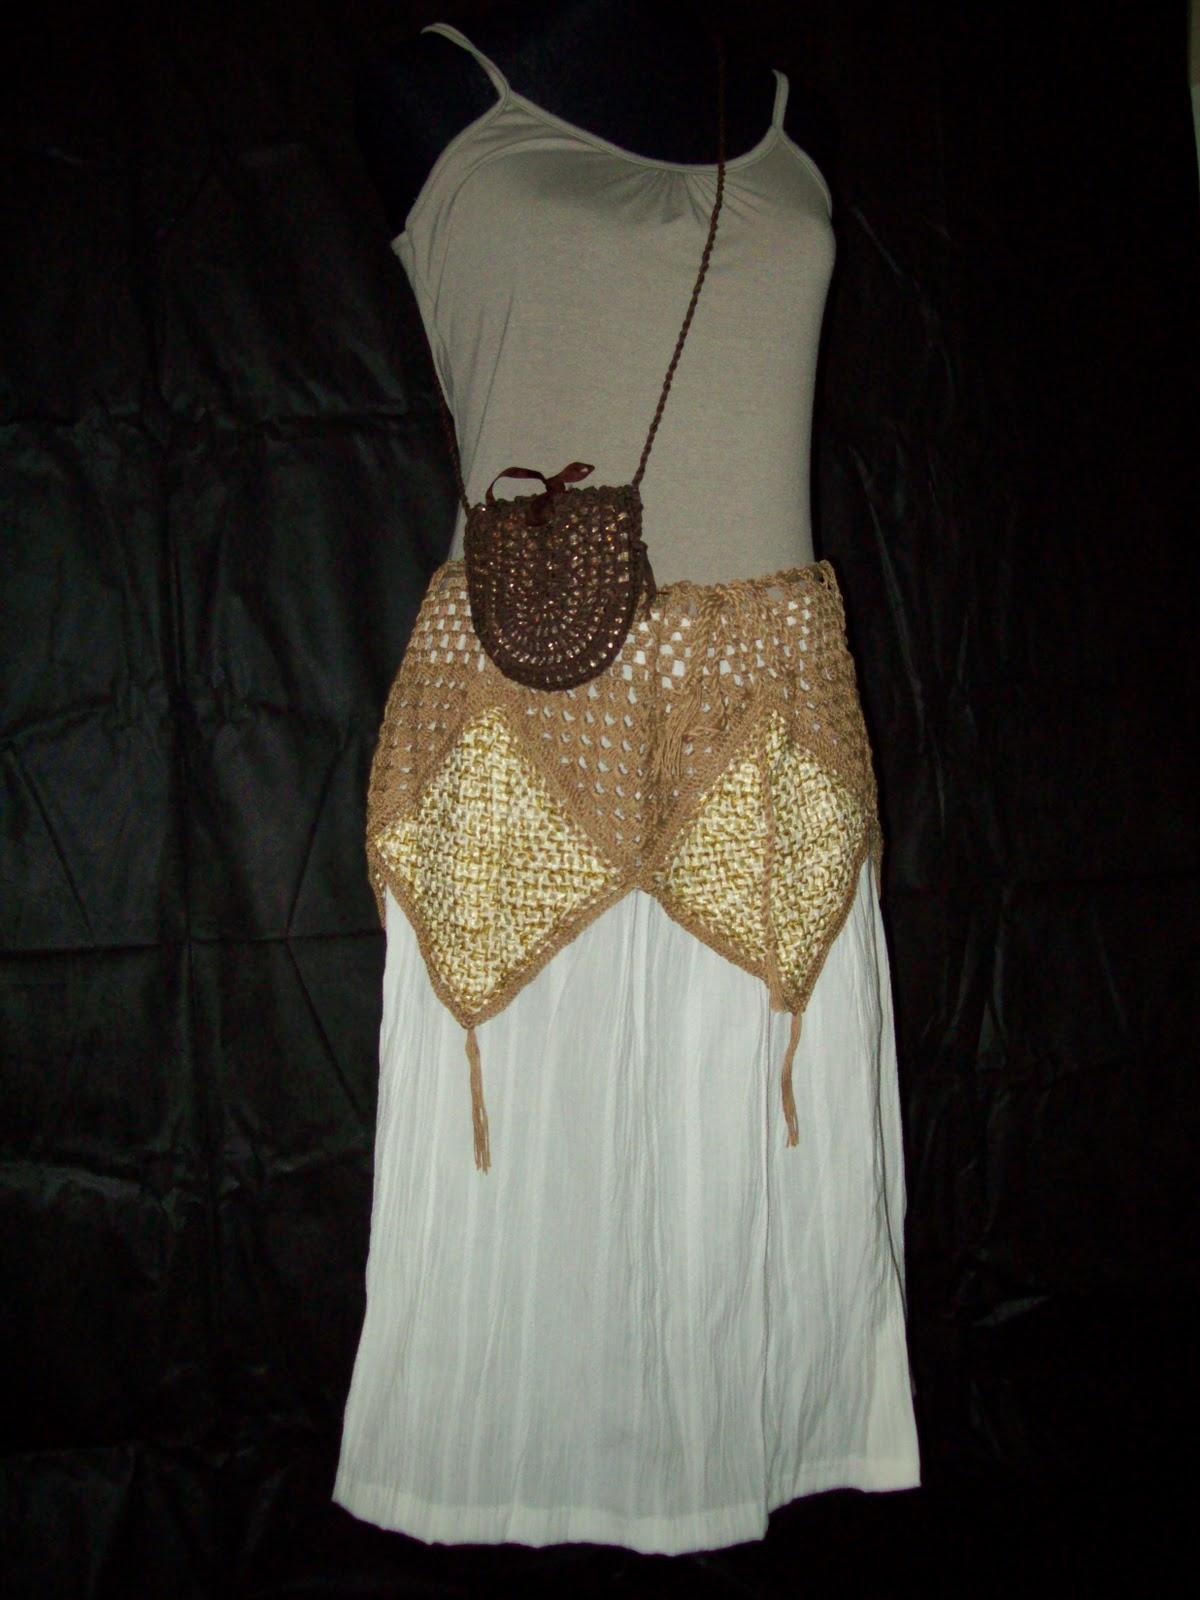 ... beige en telar con flores en el escote y mangas tejidas al crochet